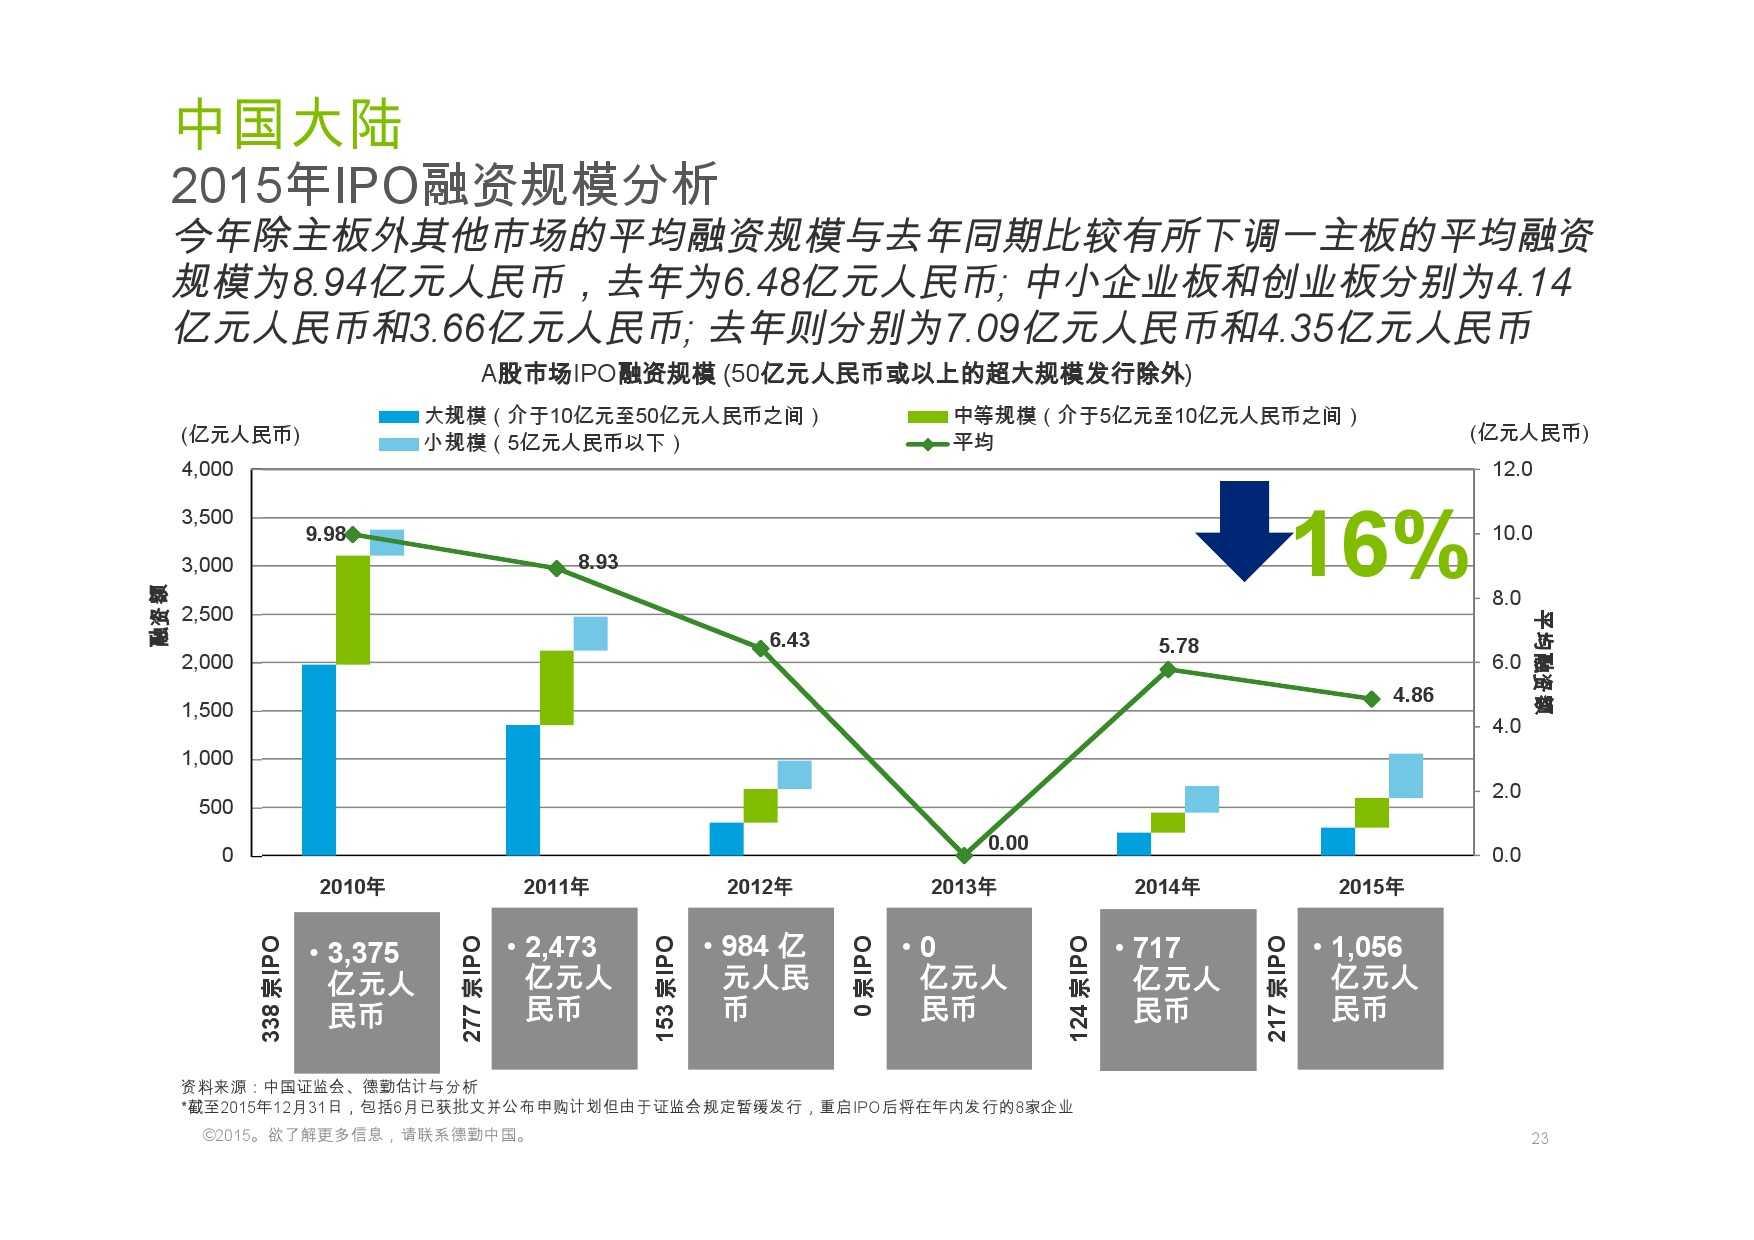 德勤:香港及中国大陆IPO巿场2015年回顾与2016年展望_000023